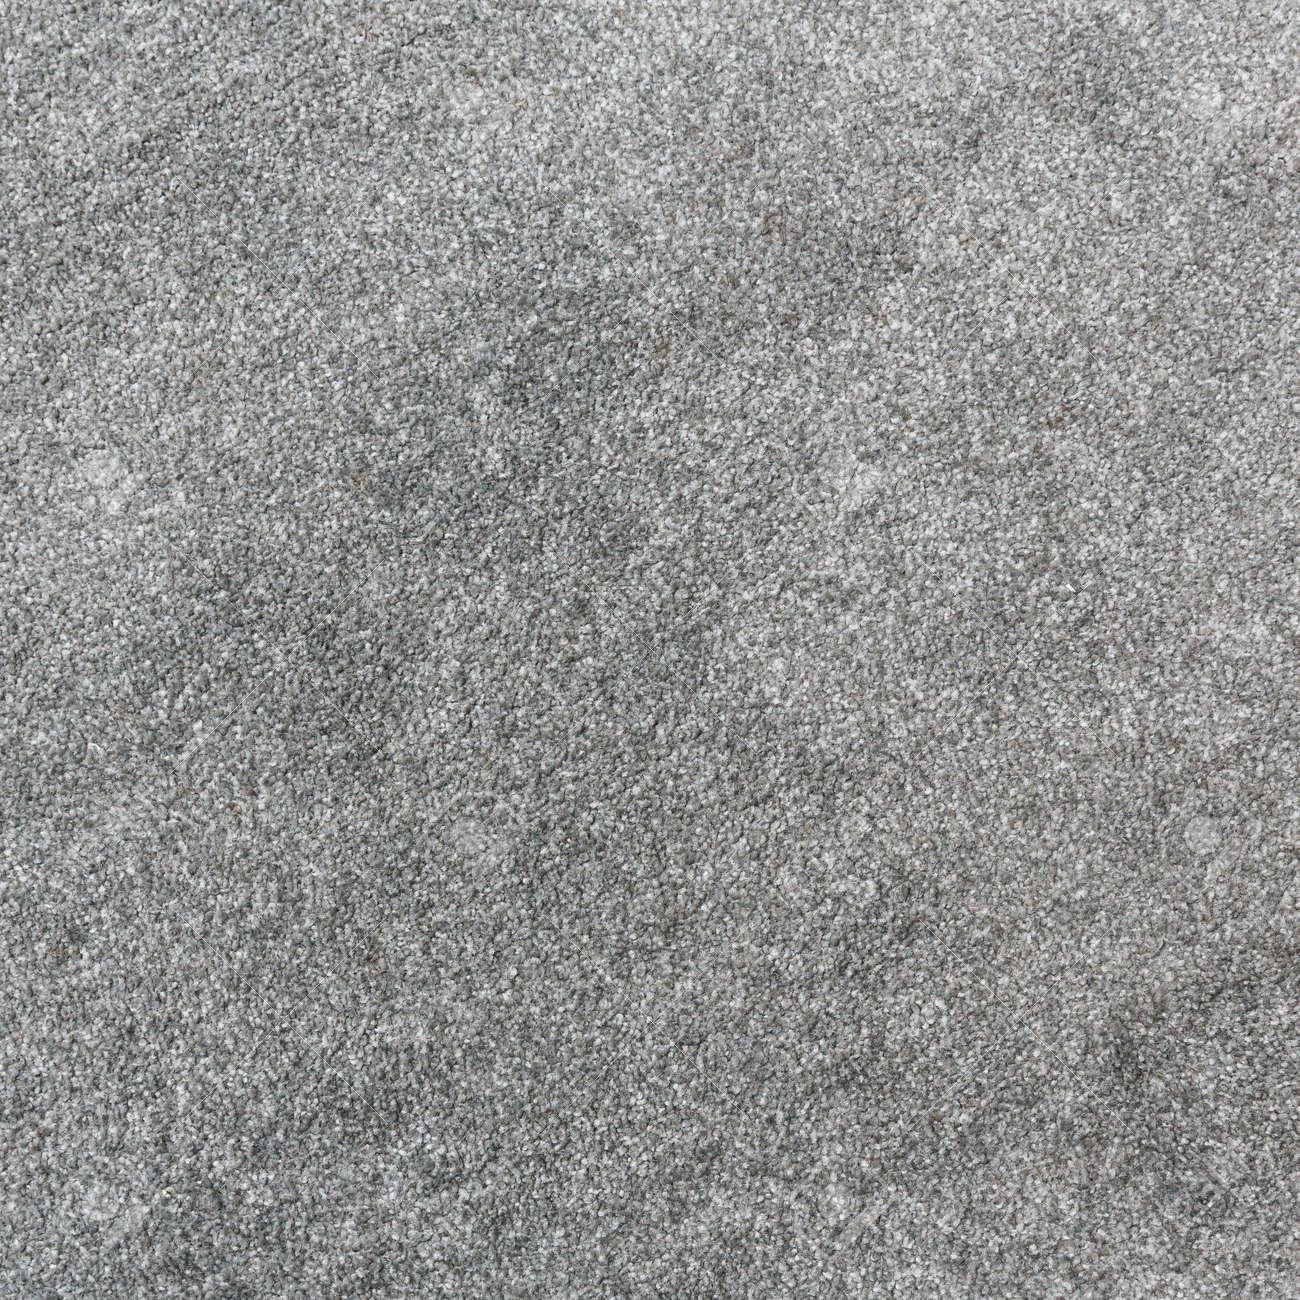 close up viejo y sucio textura de la alfombra de color gris foto de archivo